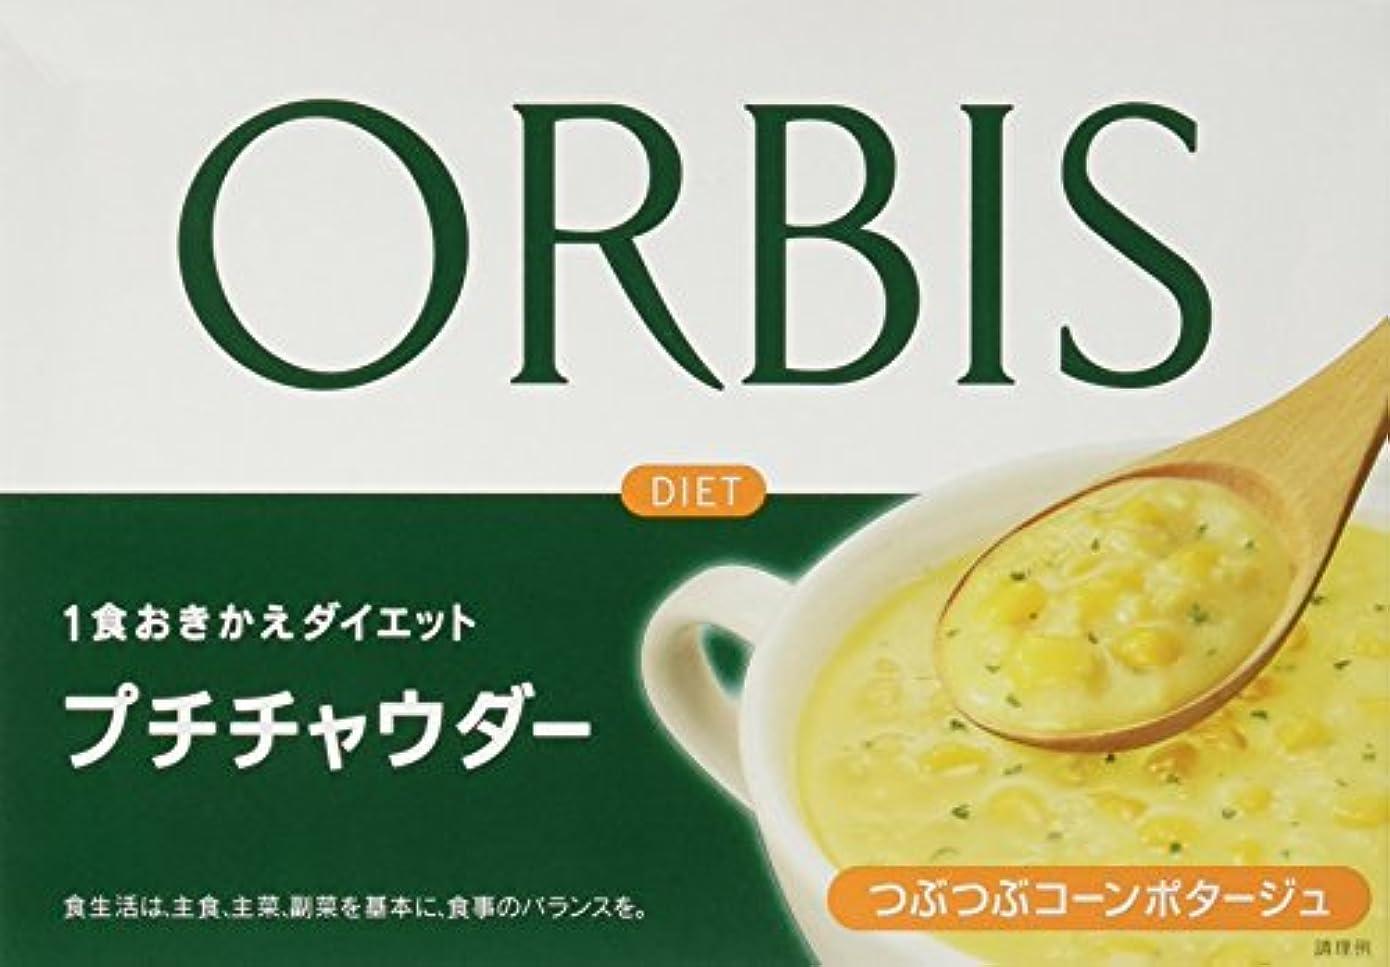 登録する線形薄汚いオルビス(ORBIS) プチチャウダー つぶつぶコーンポタージュ 34.0g×7食分 ◎ダイエットスープ◎ 1食分123kcal